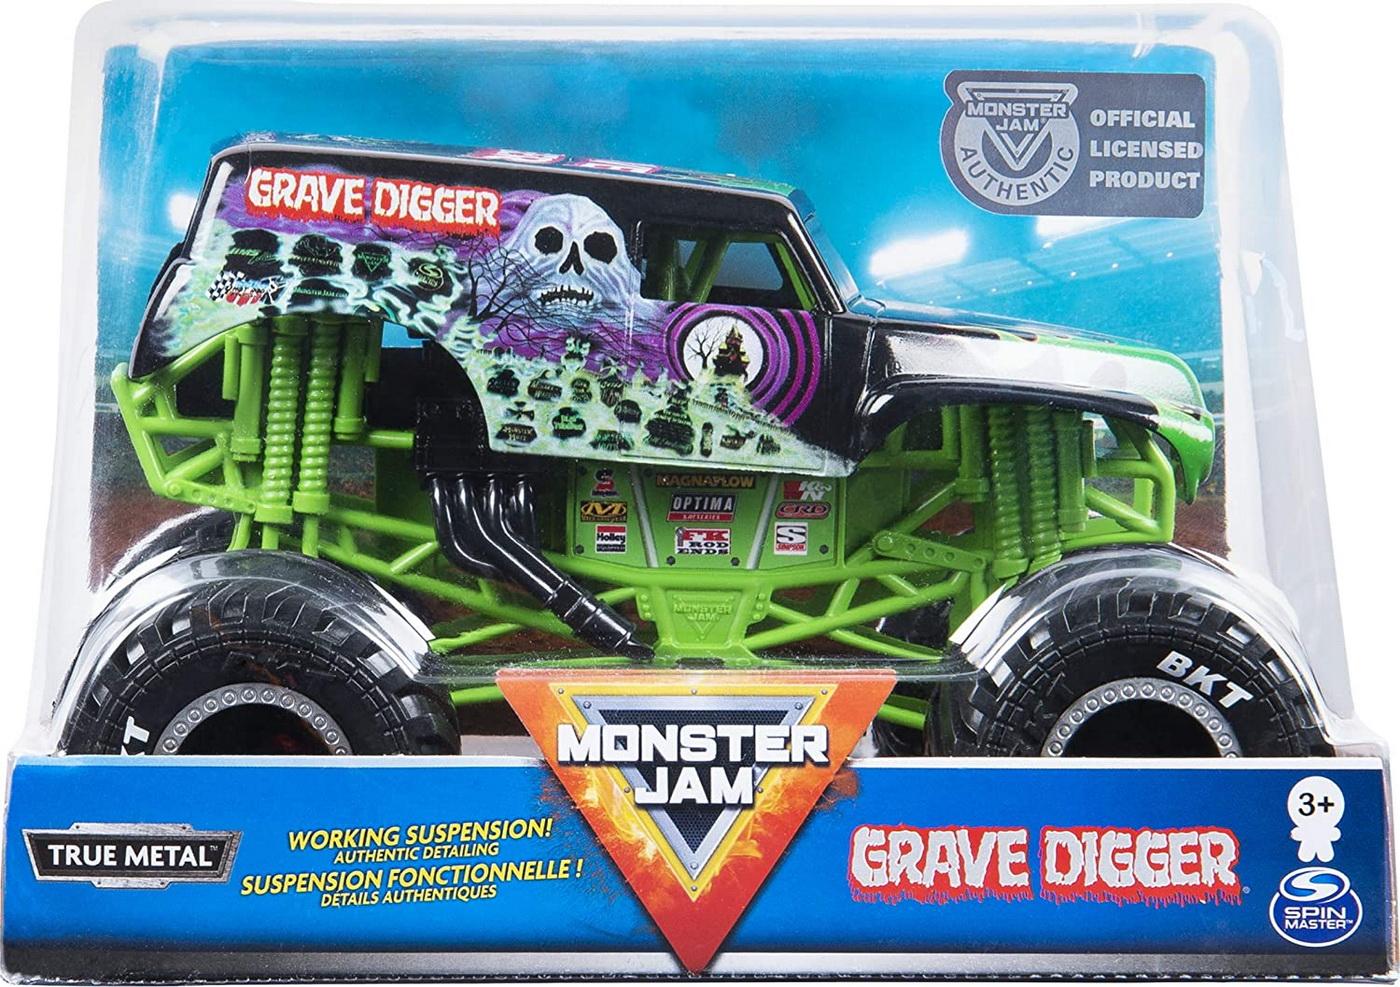 Monster Jam Macheta Metalica Scara 1 La 24 Grave Digger